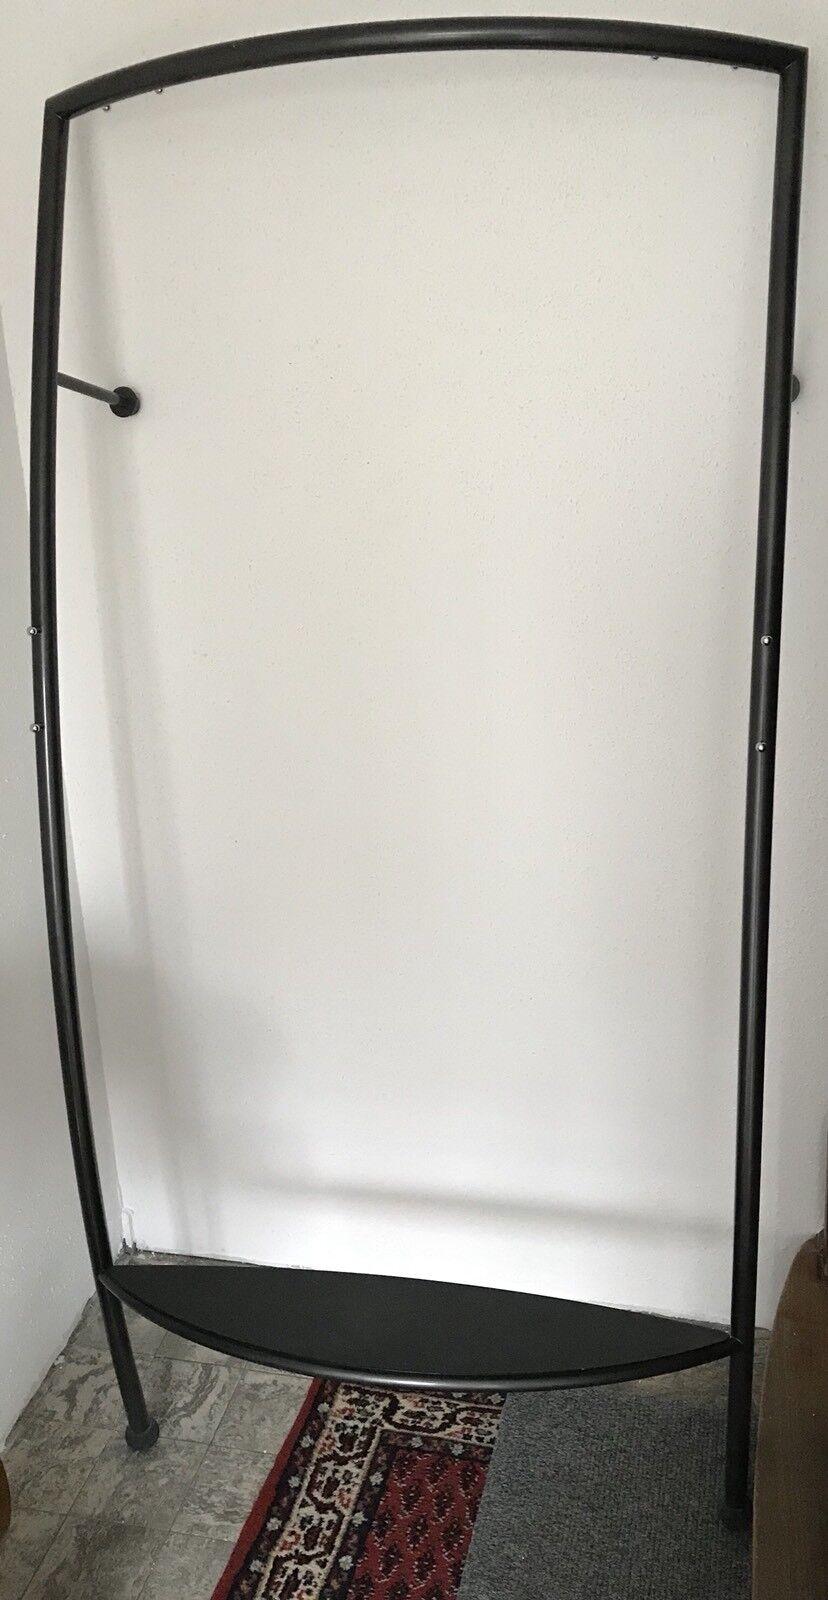 Gaderobe   Wandgaderobe 92x31x184 schwarz grau | | | Ich kann es nicht ablegen  6bfab4